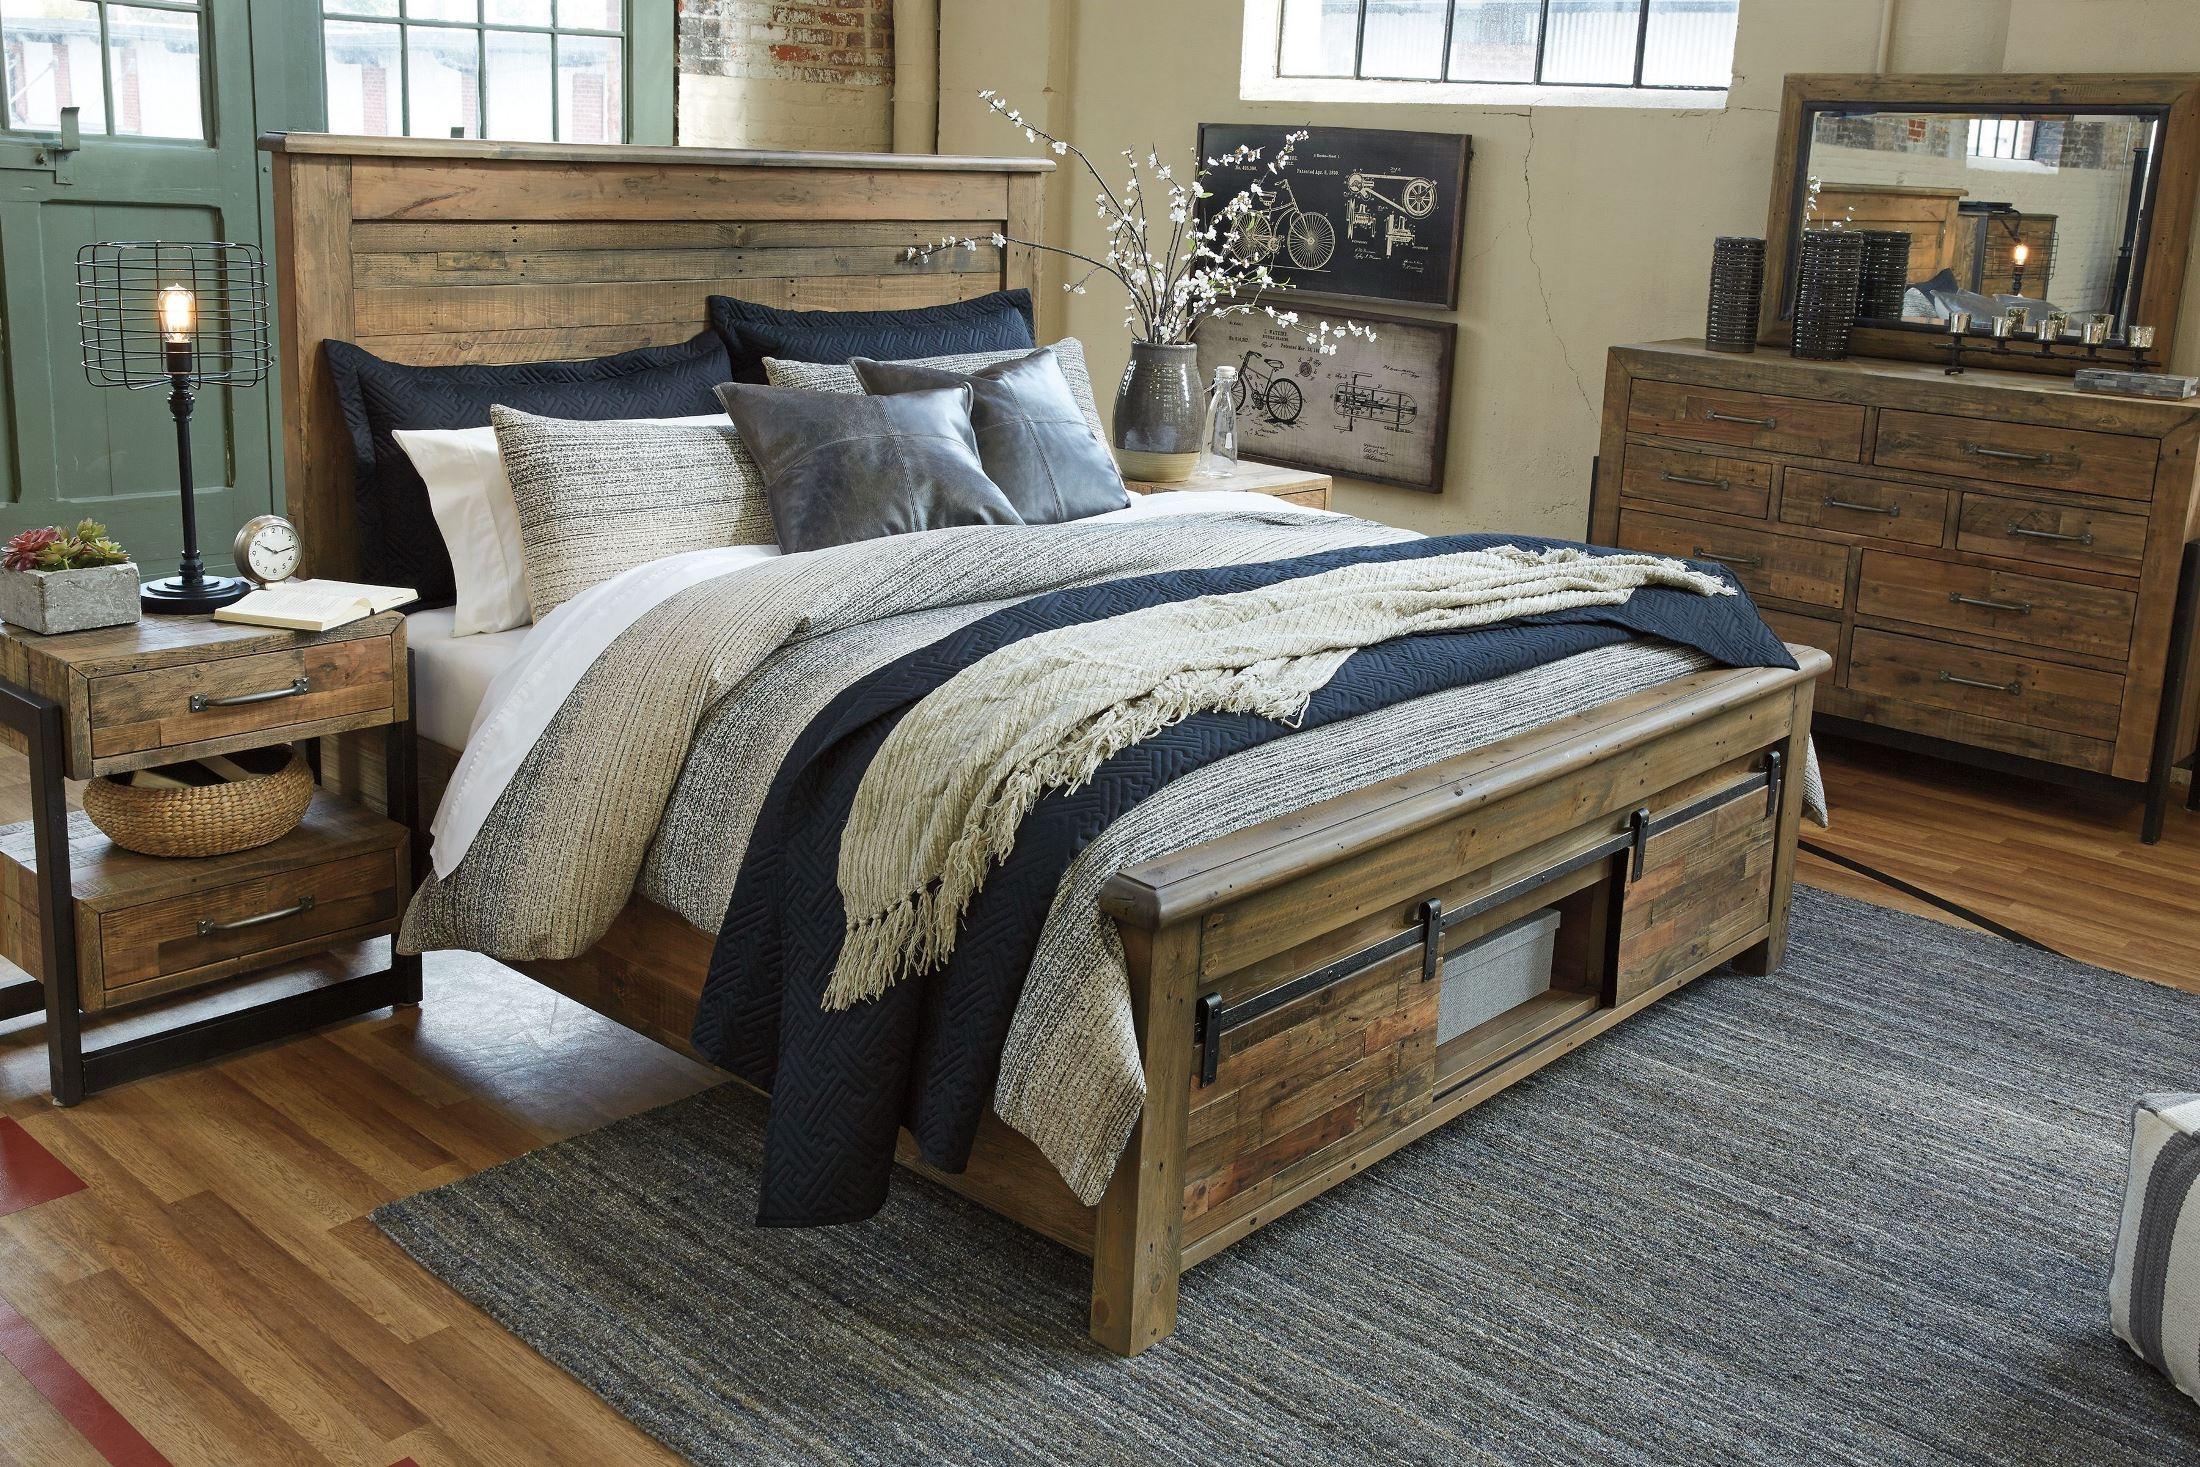 Sommerford Brown Storage Bed